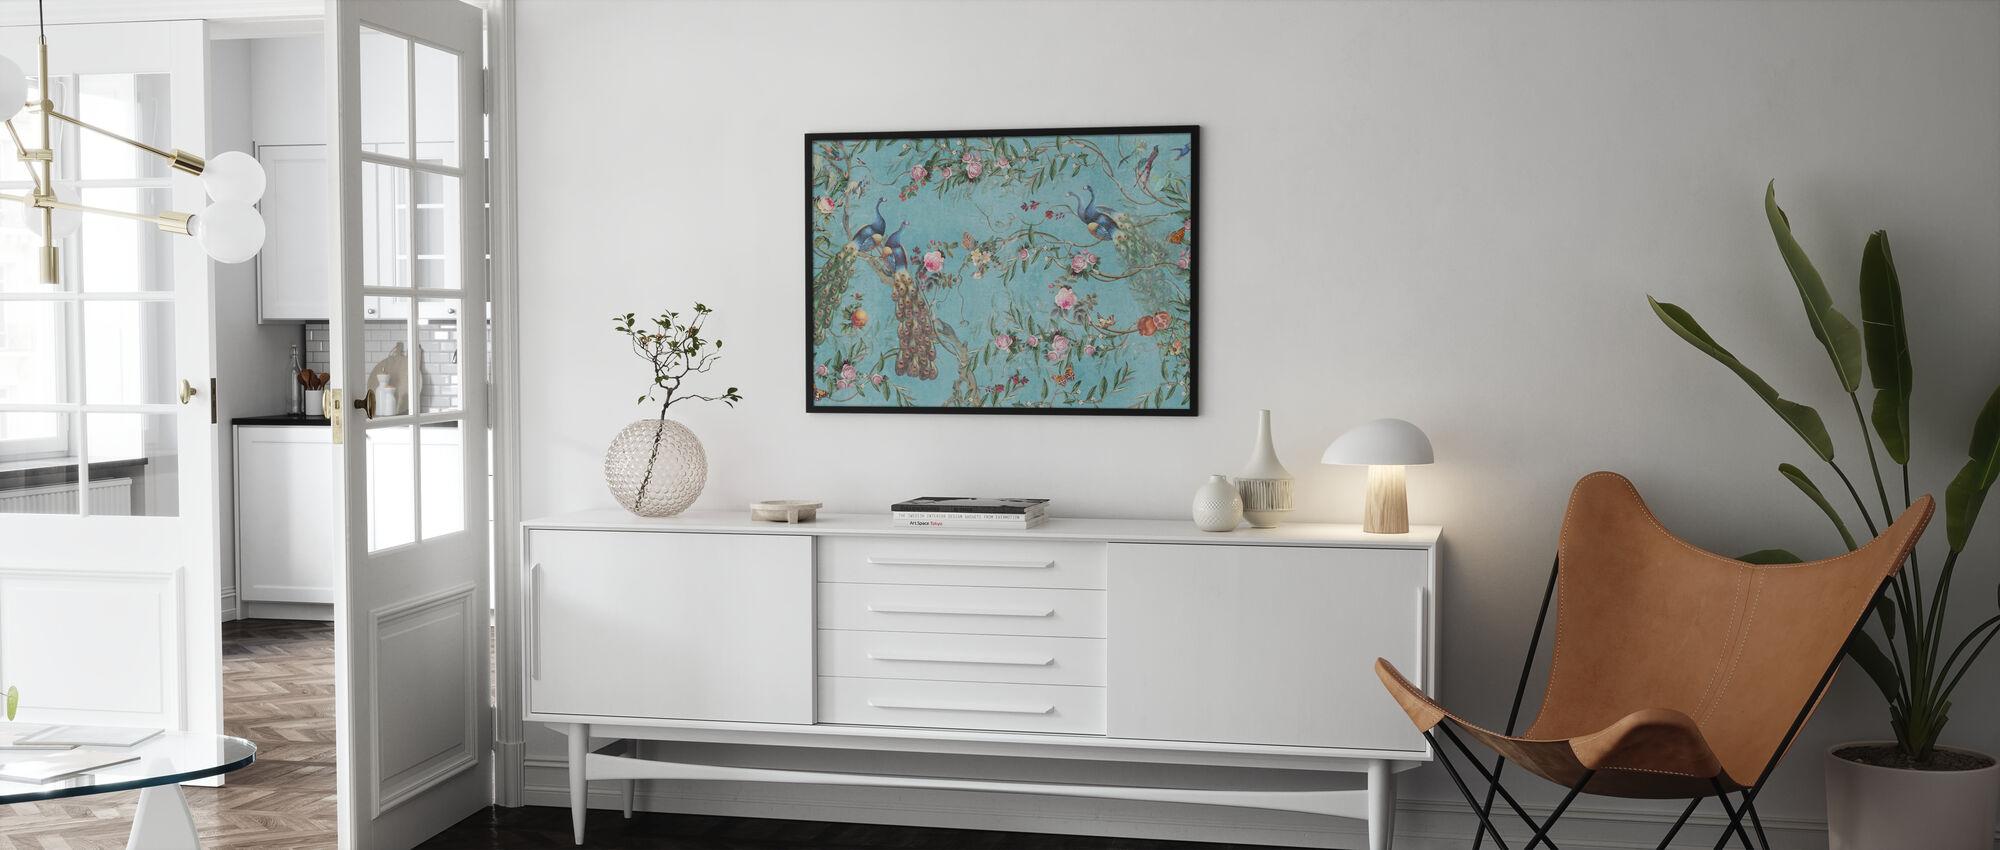 Pauwen en Bloemen - Ingelijste print - Woonkamer